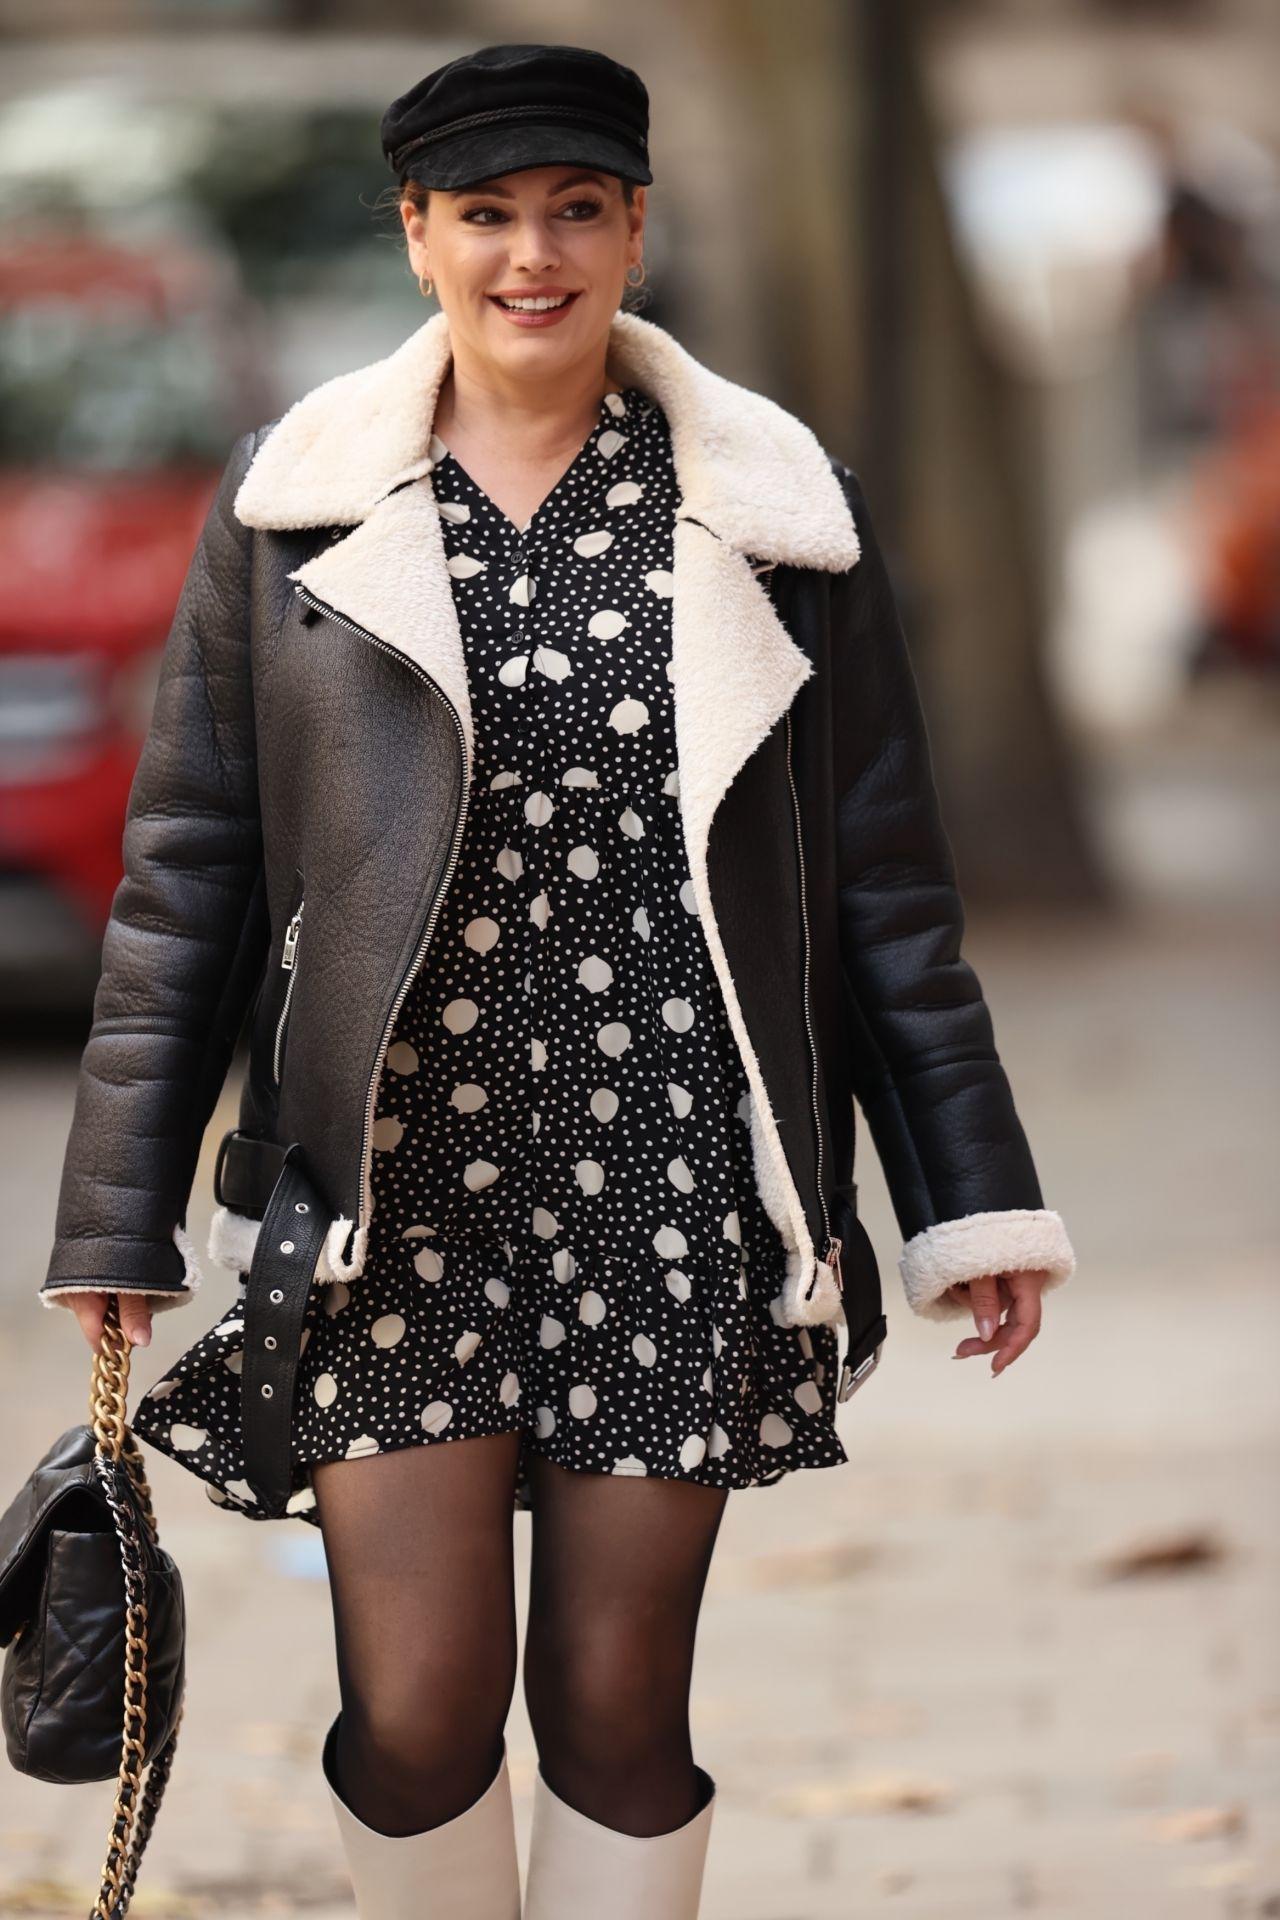 Kelly Brook in a Polka-Dot Mini Dress and Knee-High White ...